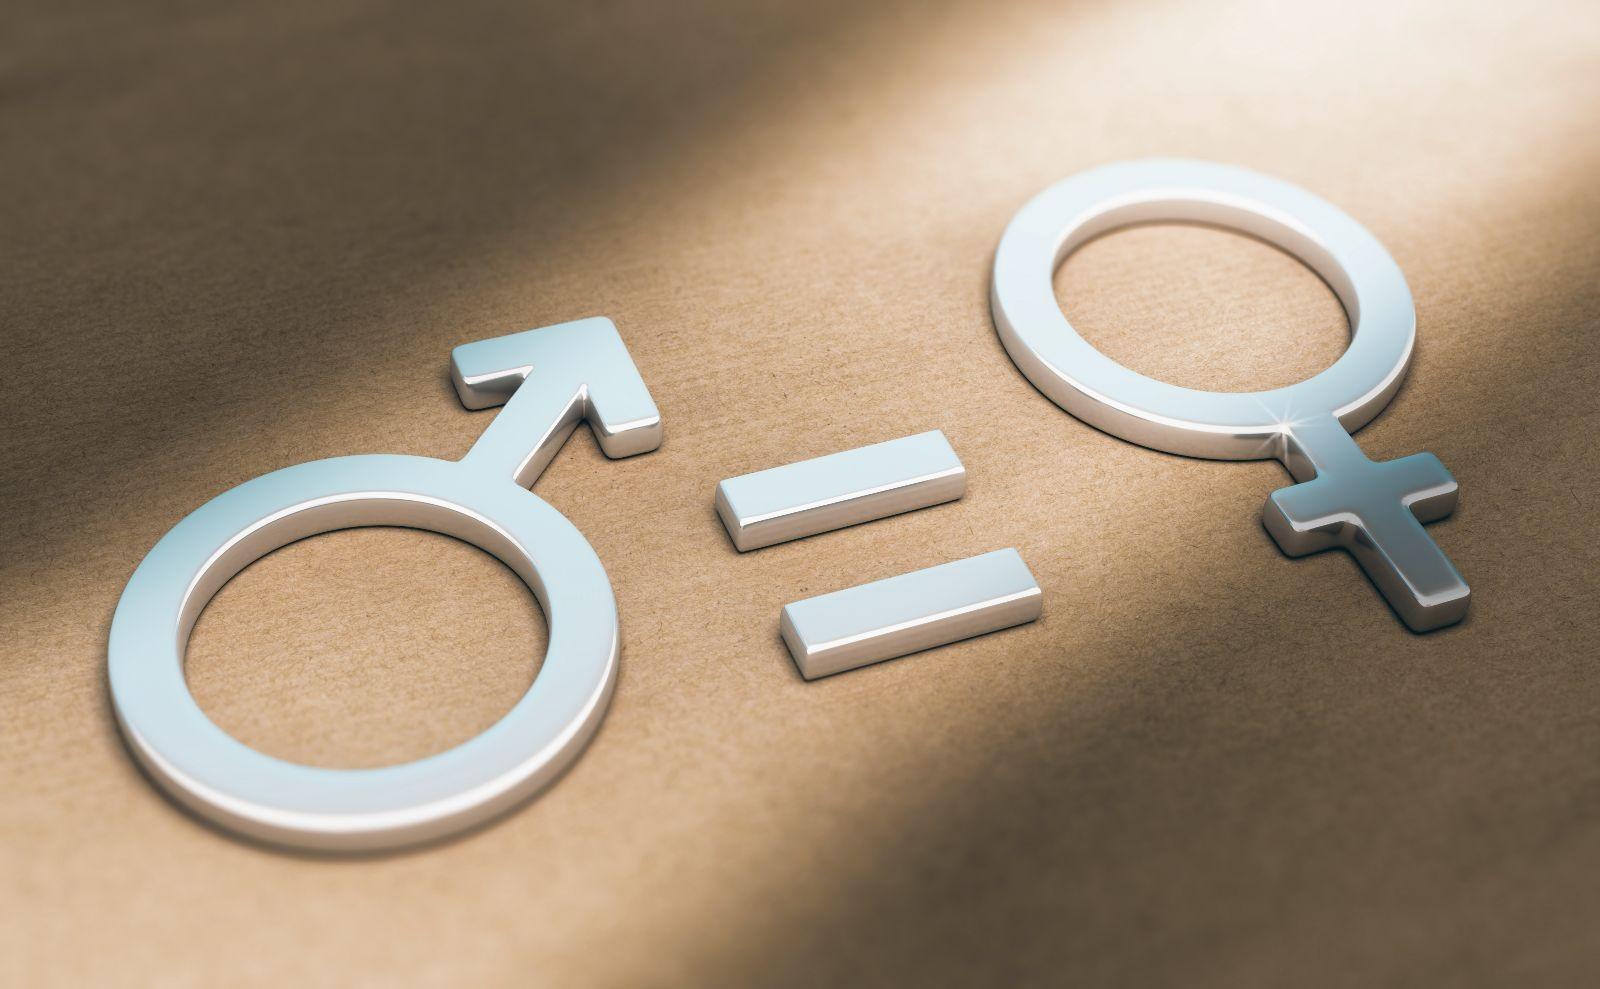 Ilustración 3d de simbolos de masculino y demenino symbolos con un signo de igual